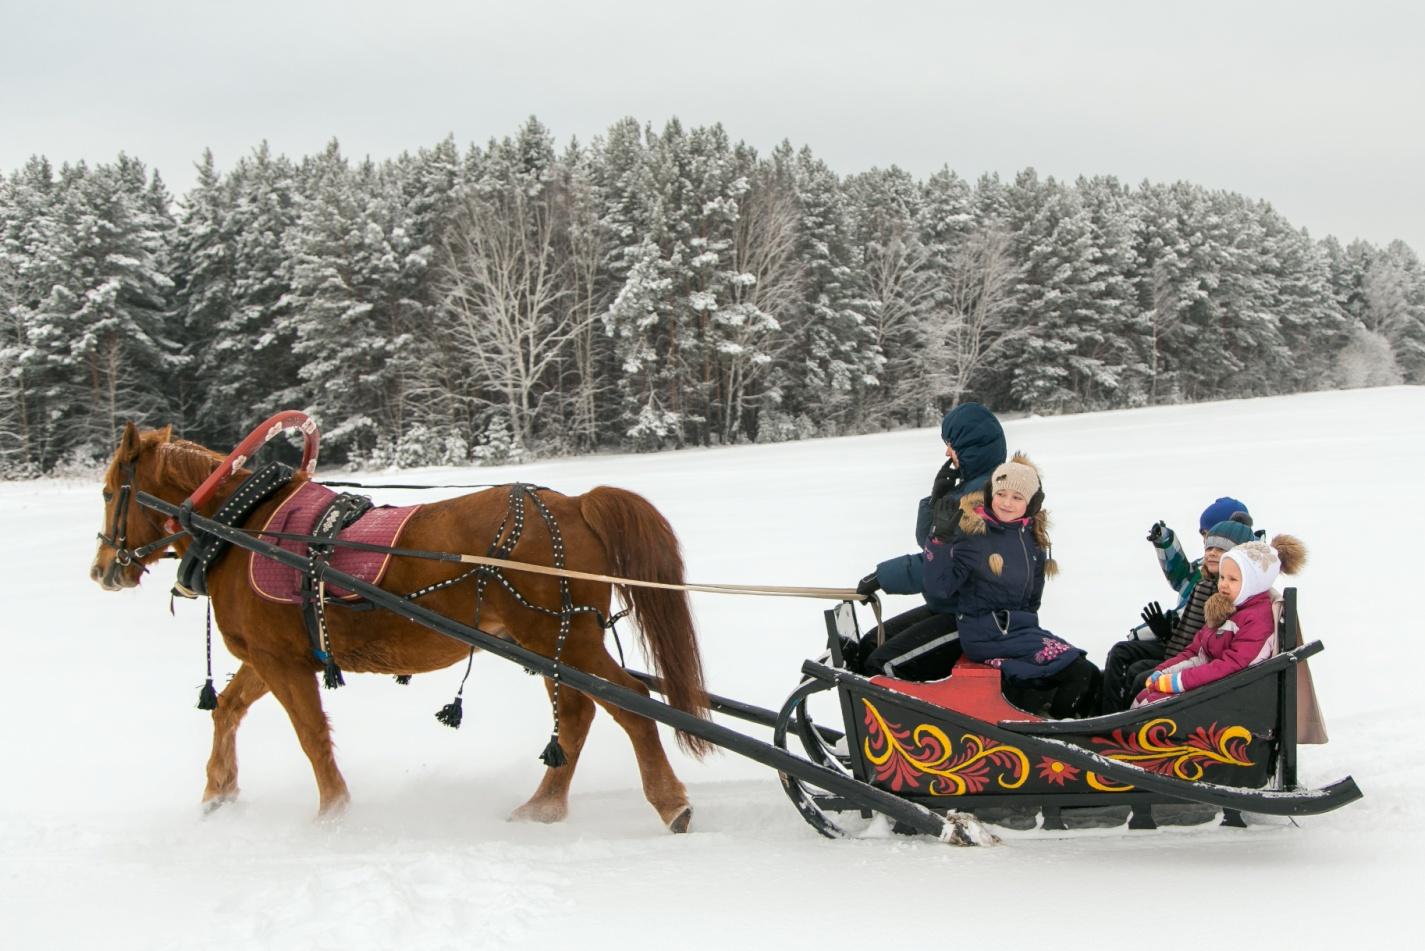 Верховых лошадей используют для упряжки в сани